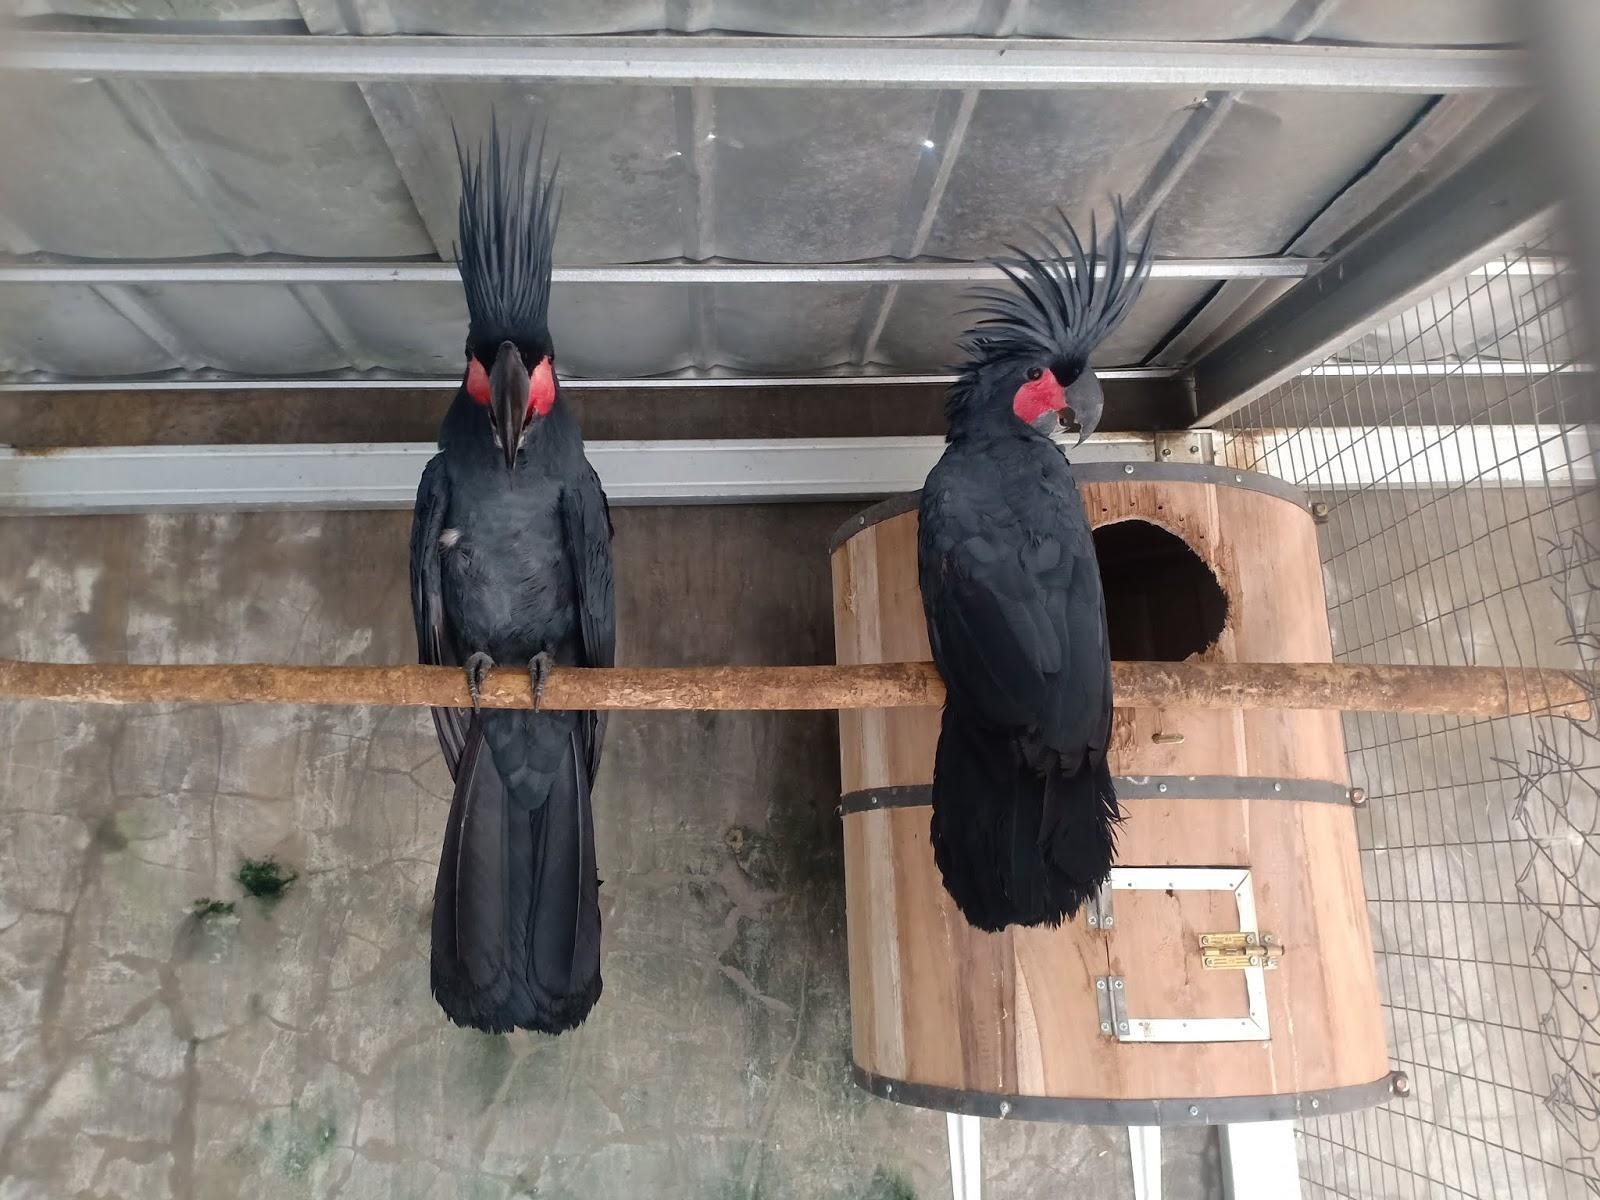 Jual Burung Kakatua Raja Parrot Store